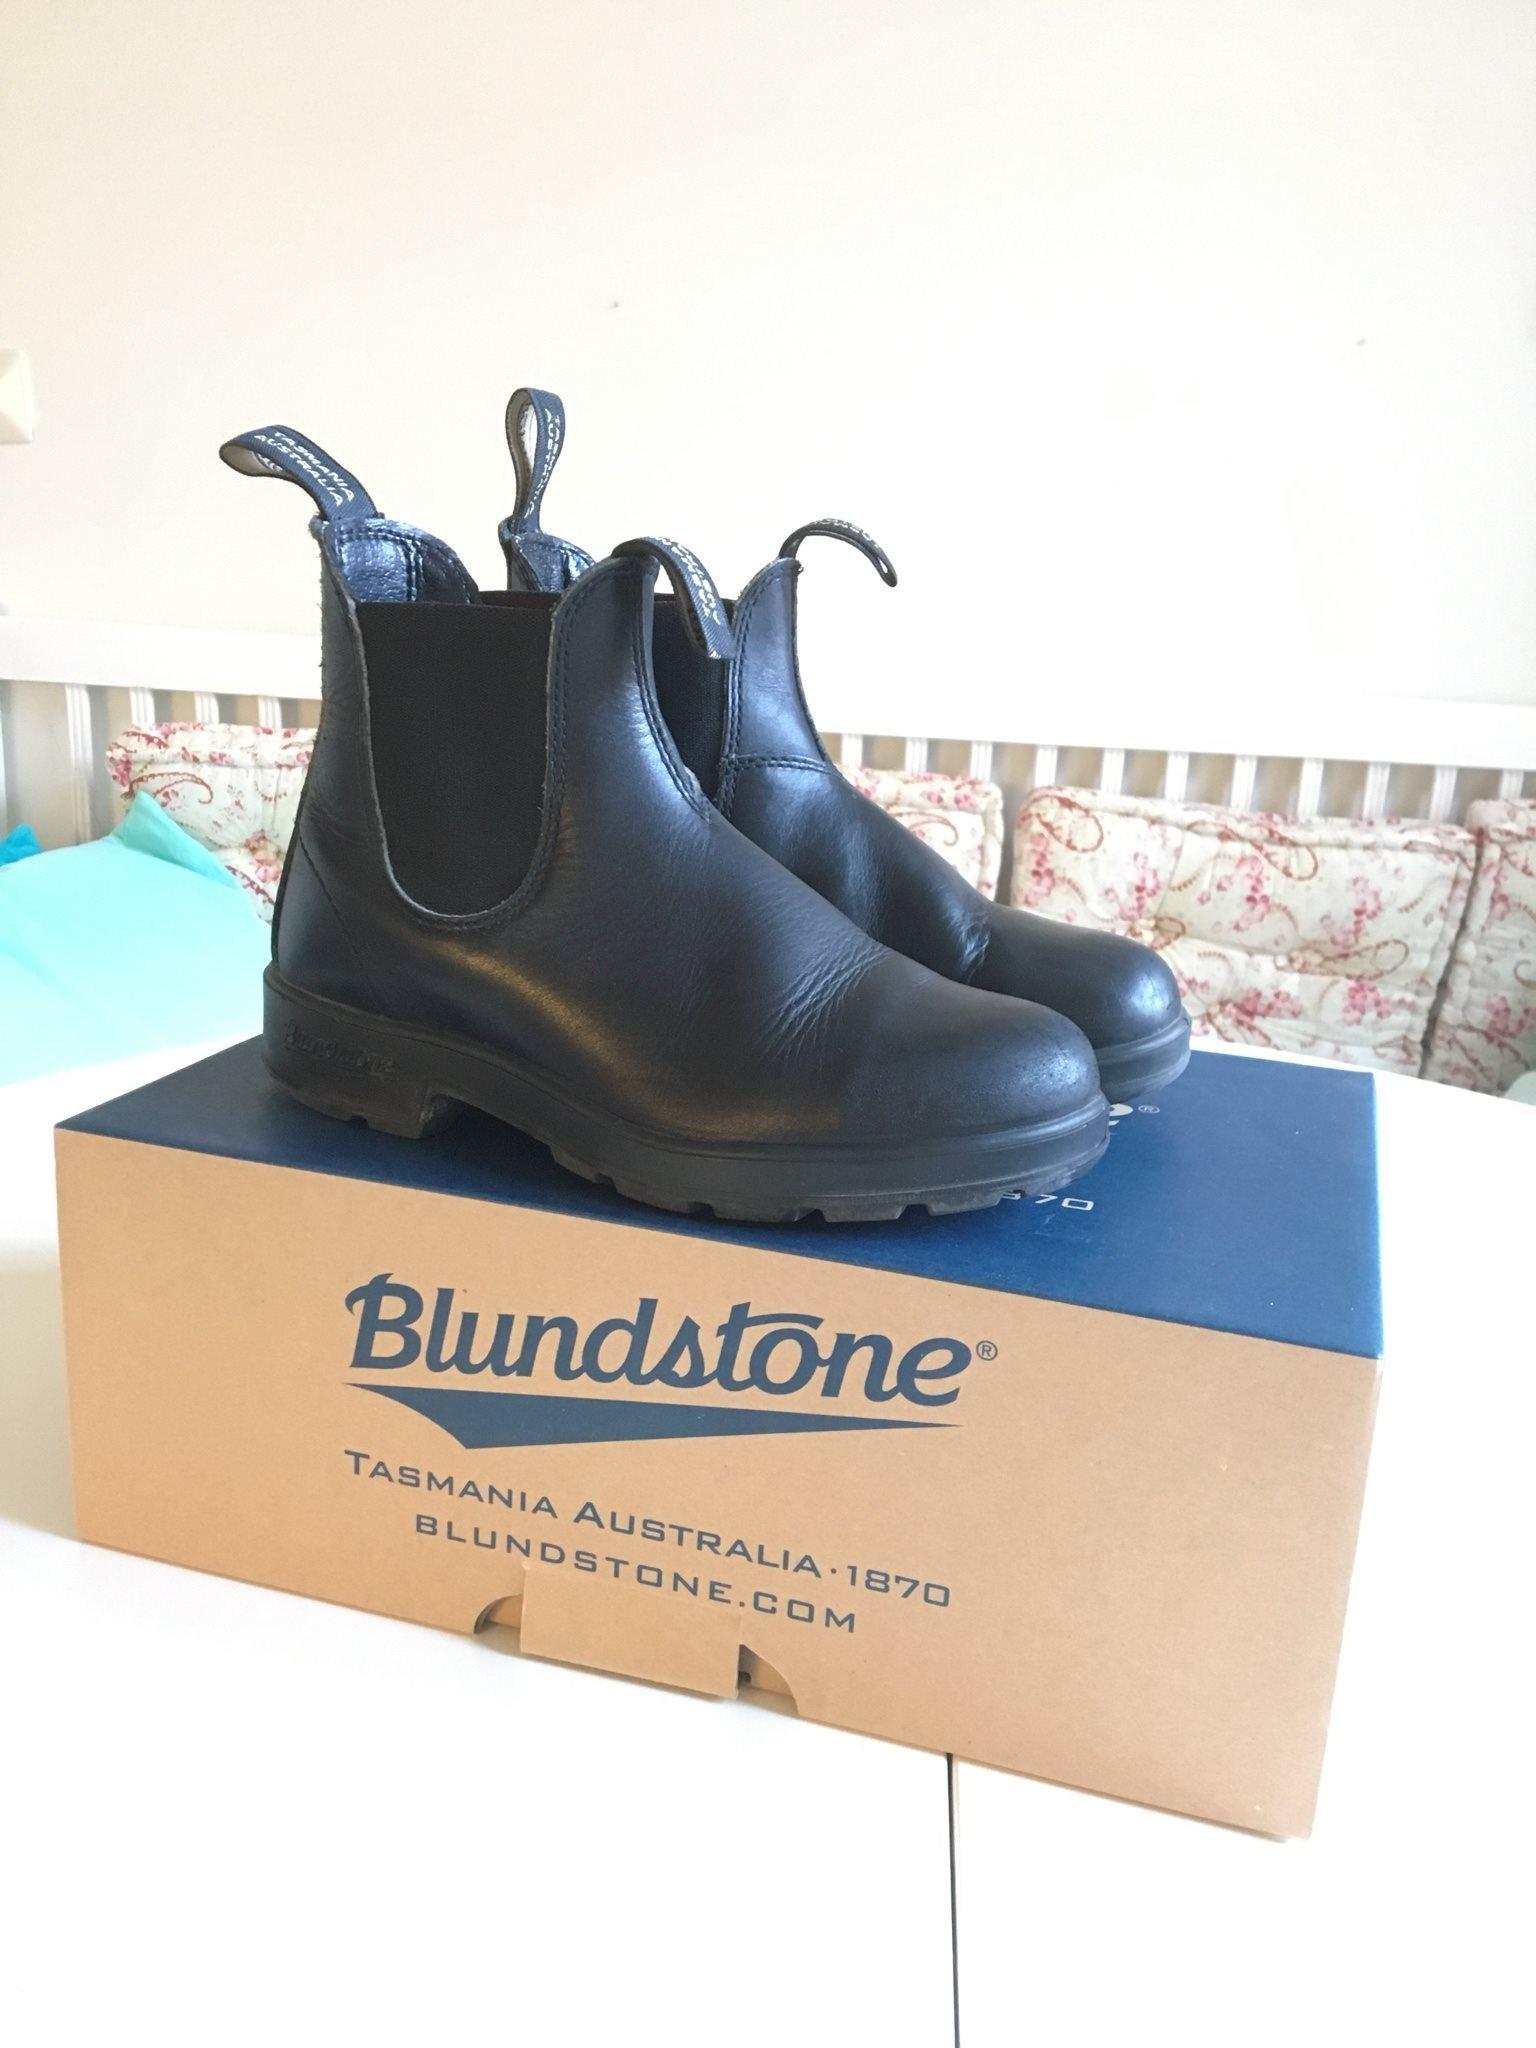 541b952cb82 Blundstone kängor boots Tasmania Australia Model 510 black svart stl 3,5